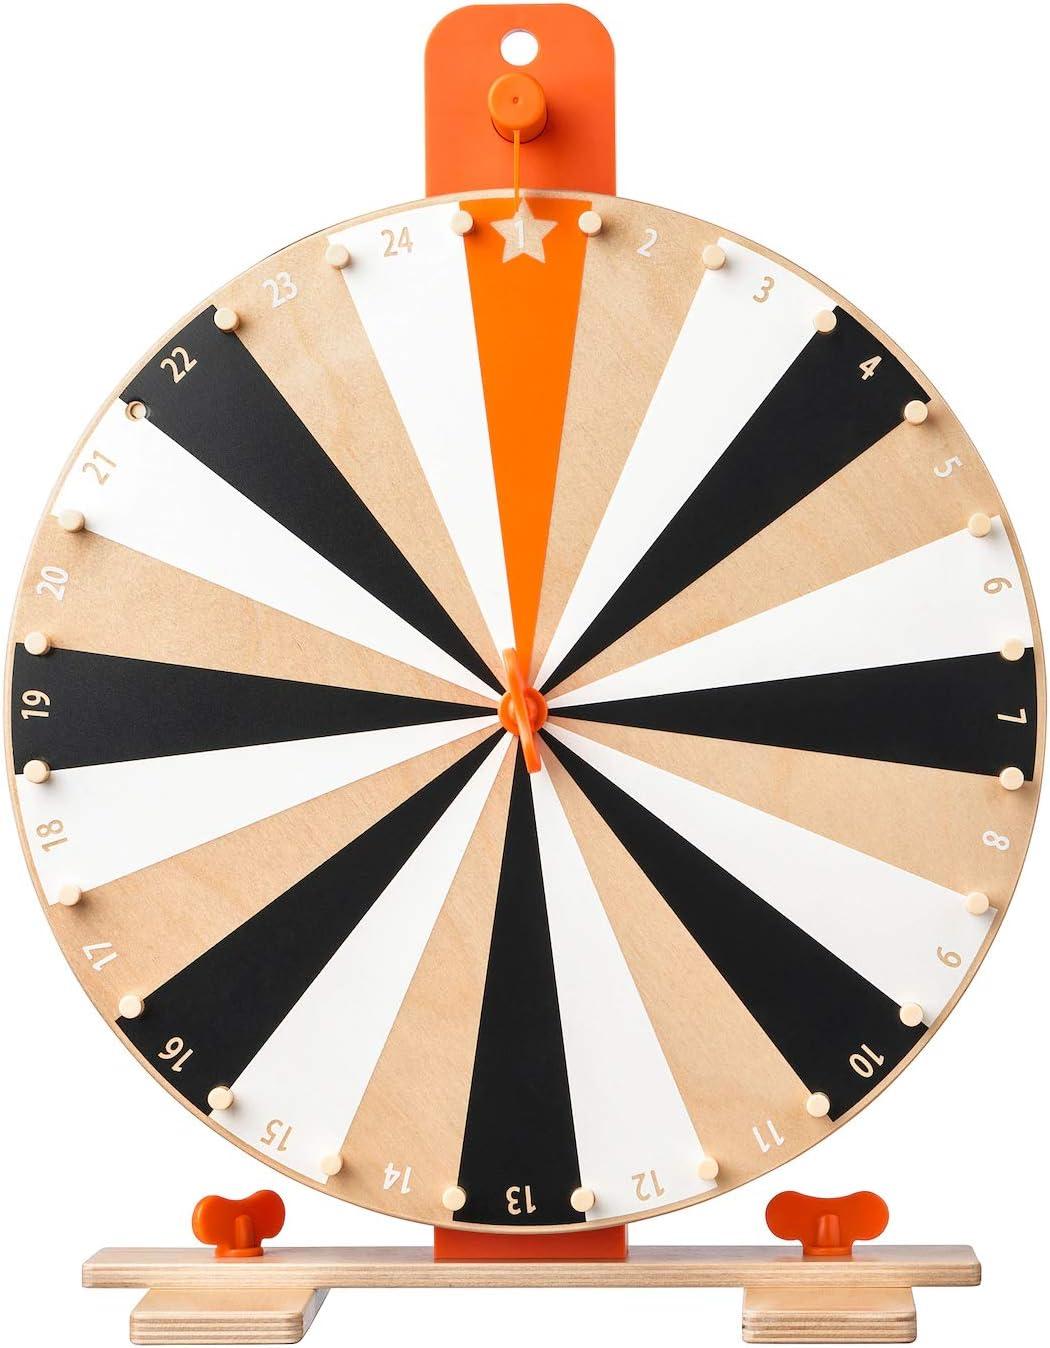 Ikea Juego de Ruedas Lustigt Prize 303.870.38: Amazon.es: Bricolaje y herramientas